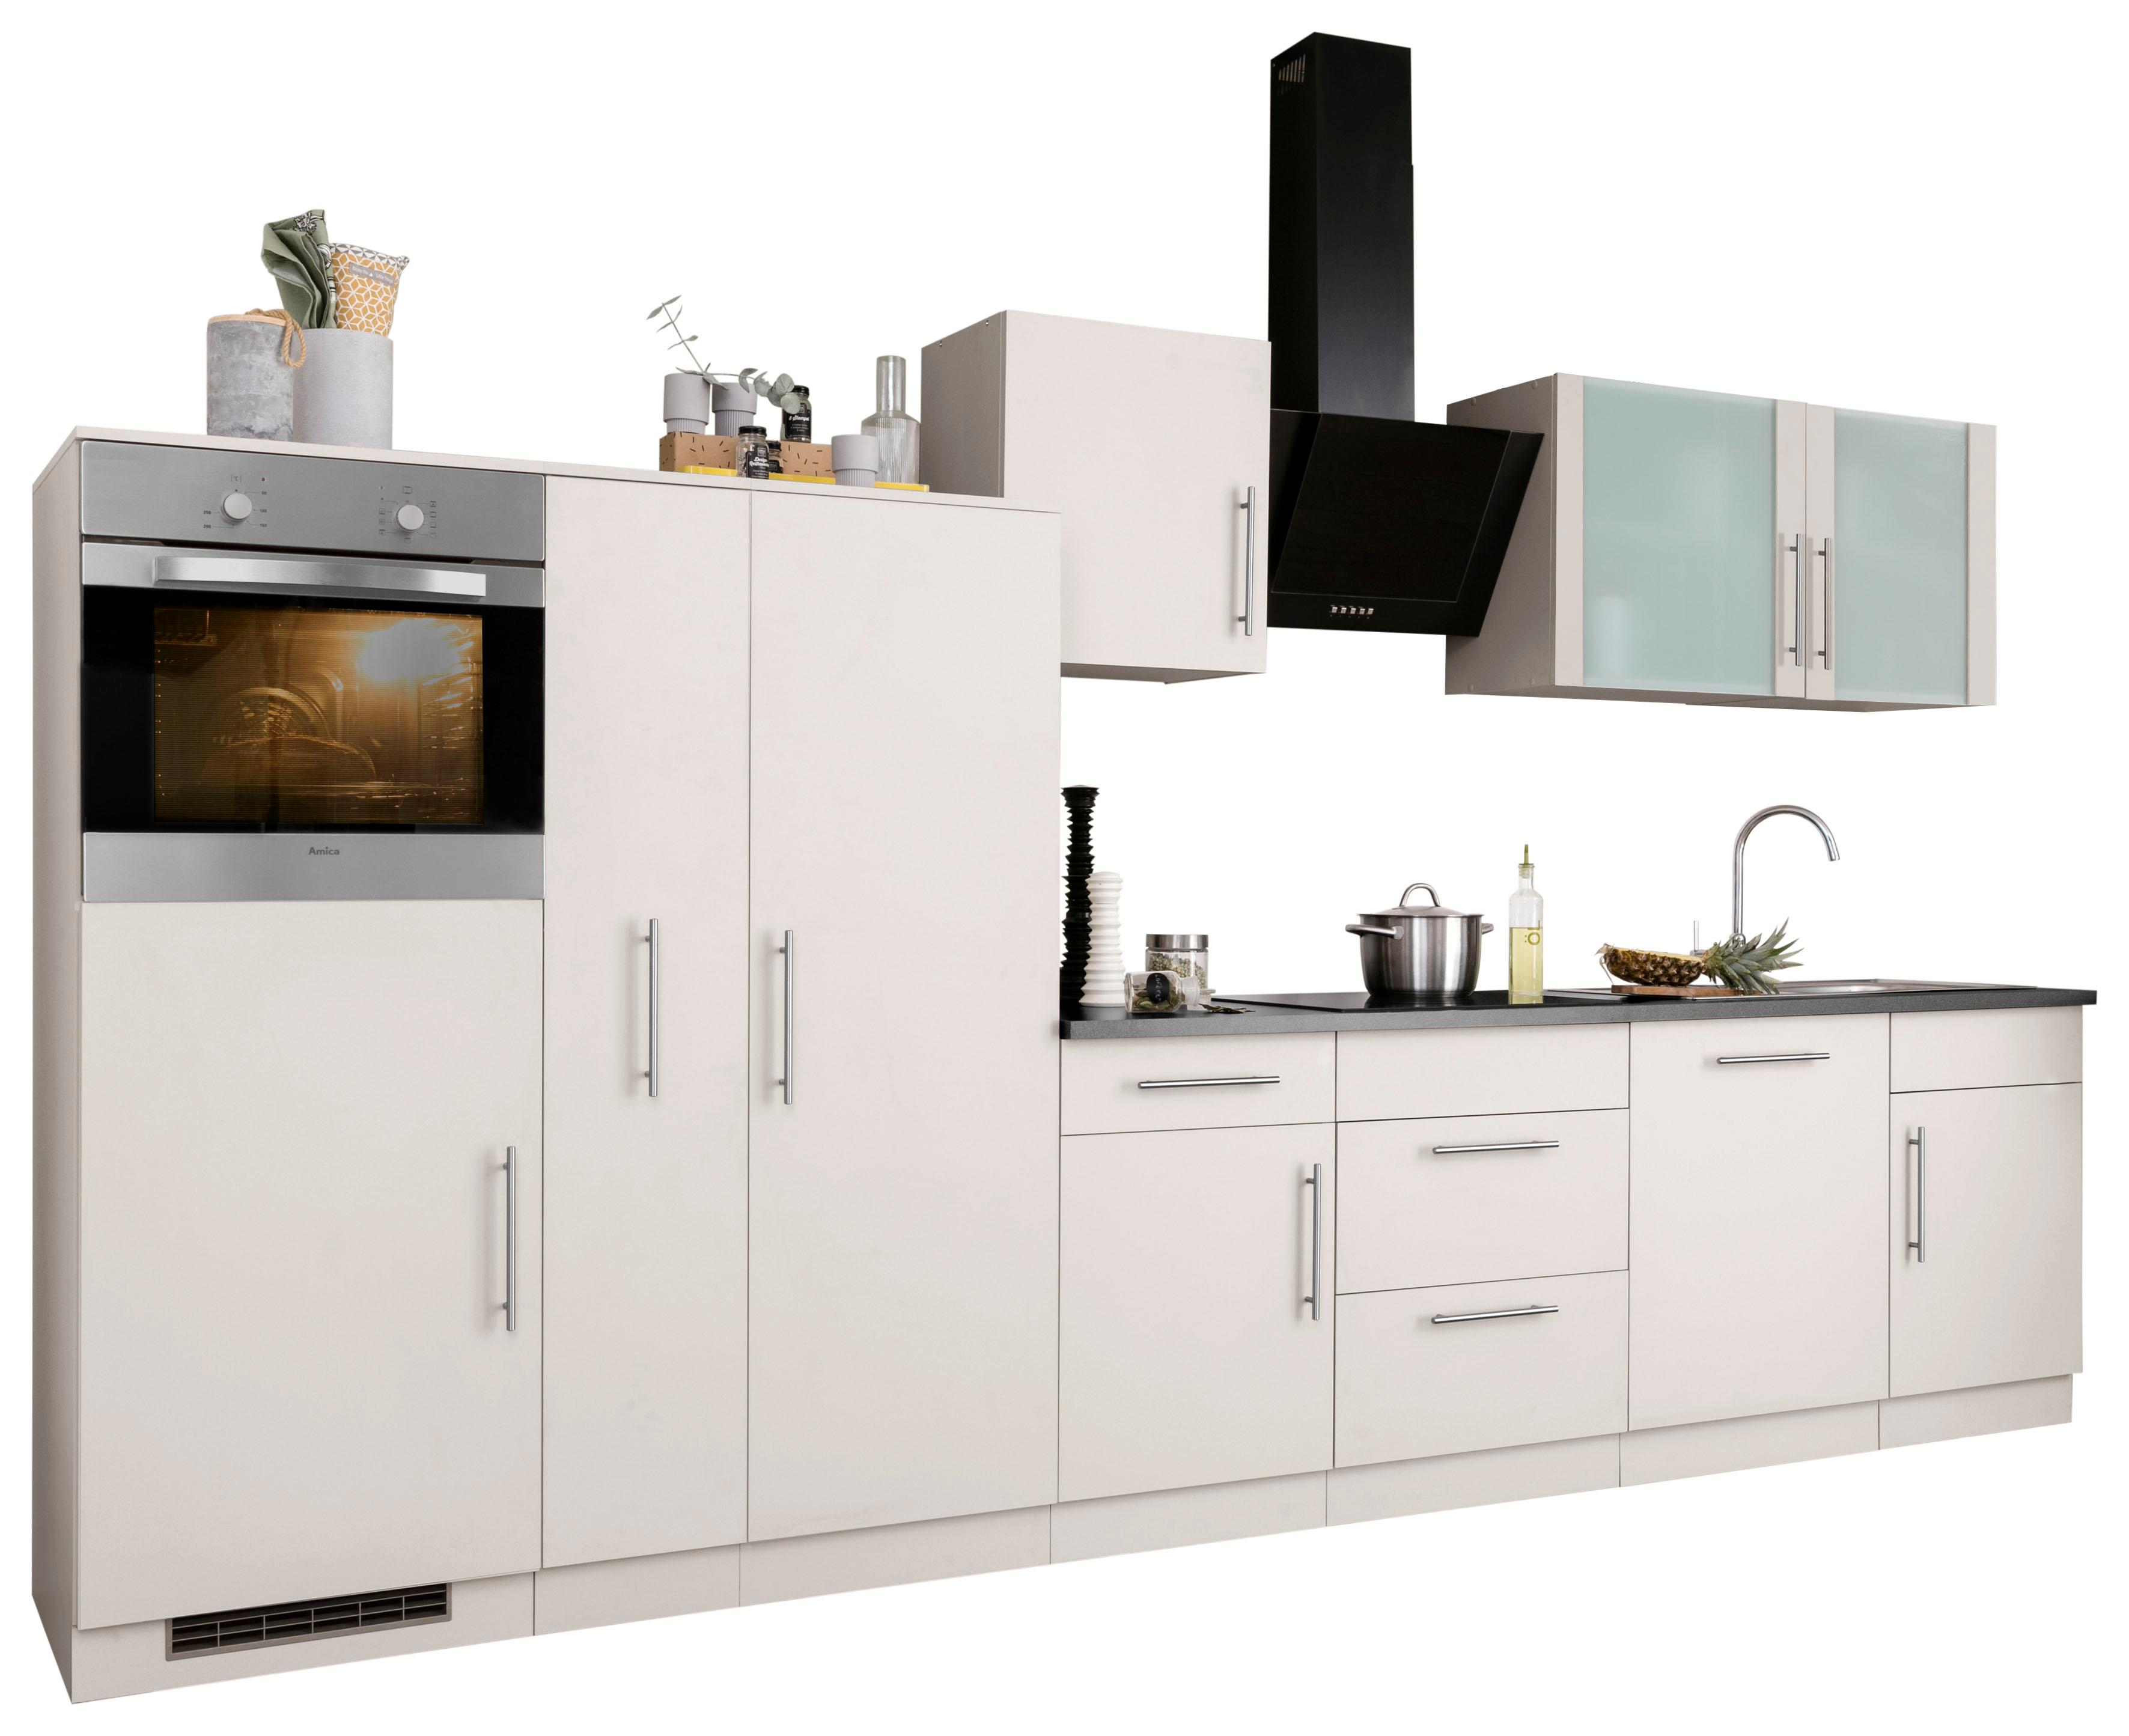 WIHO-Küchen Küchenzeile  Cali  mit E-Geräten, Breite 360 cm Preisvergleich